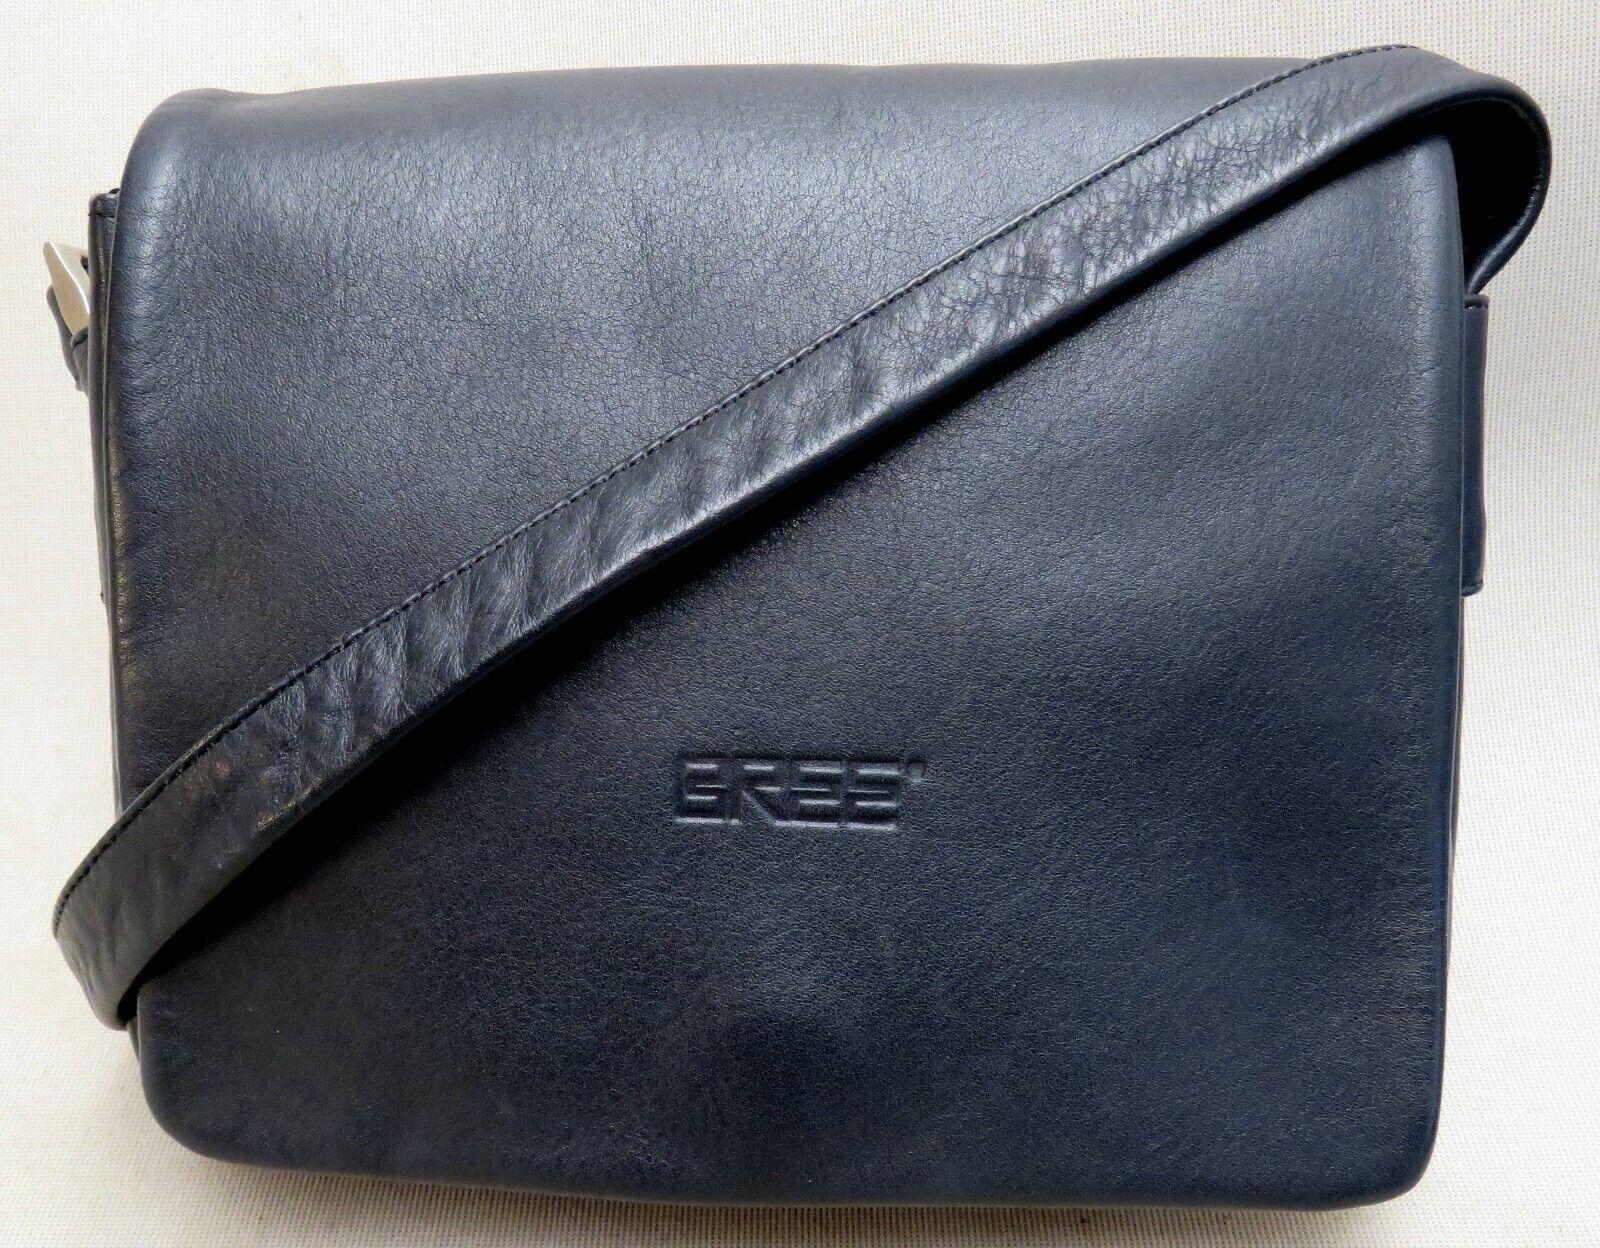 BREE Hochwertig LUXUS LUXUS LUXUS Handtasche LEDER Ledertasche ABENDTASCHE Schultertasche 86 | Schöne Farbe  8cb0d2